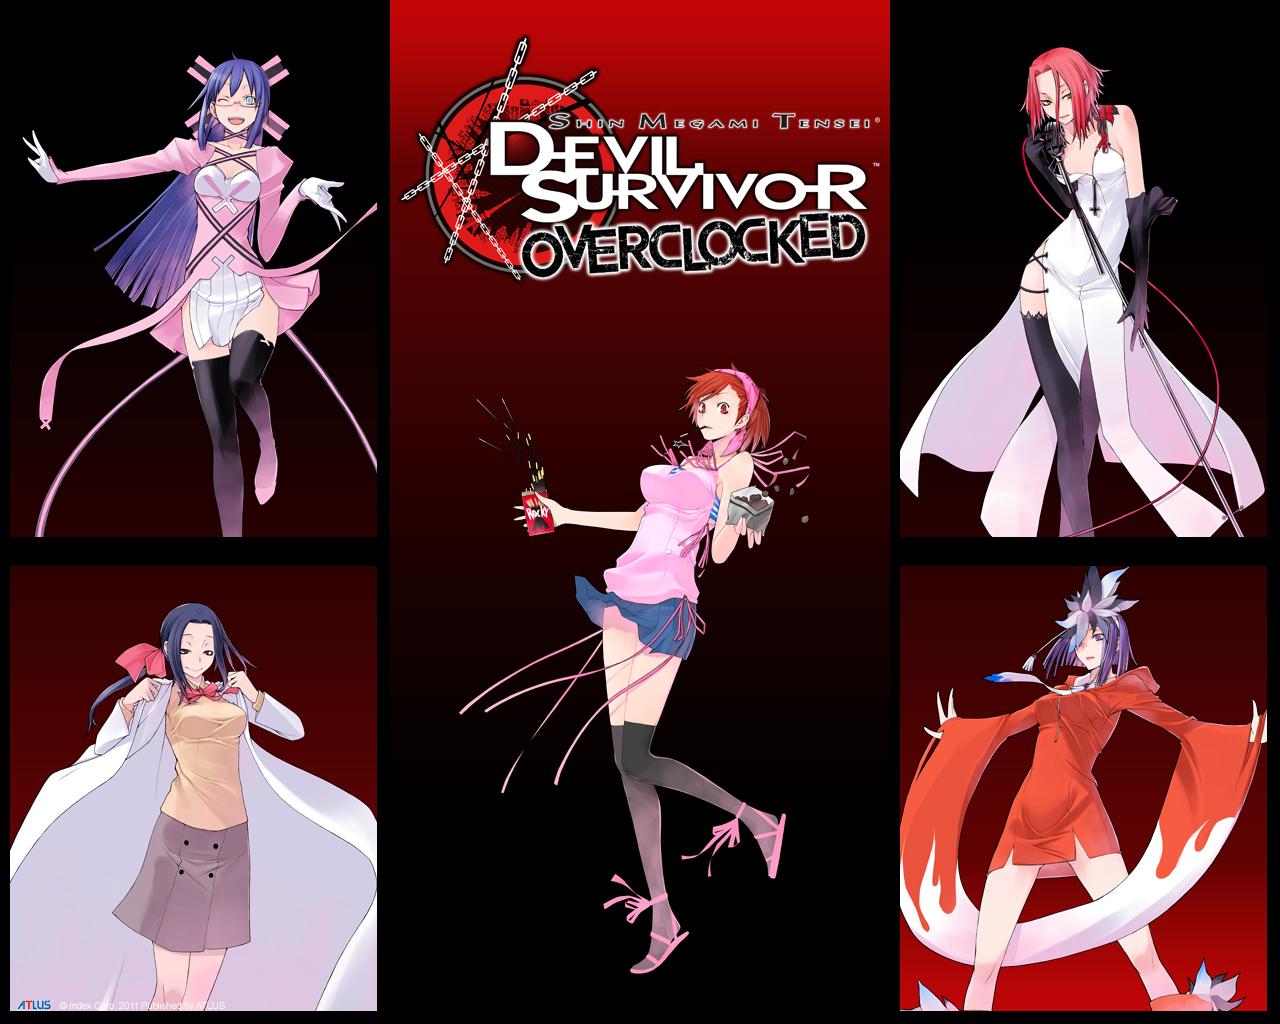 Shin Megami Tensei Devil Survivor Guides and FAQs